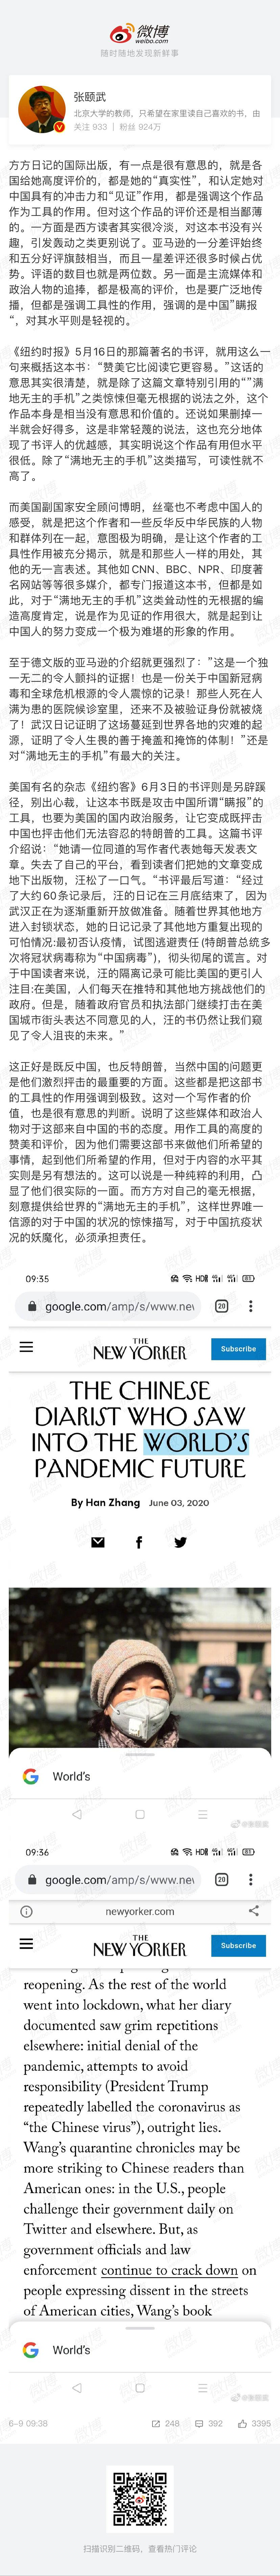 北大教授@张颐武 :《方方日记》被各国当成工具……